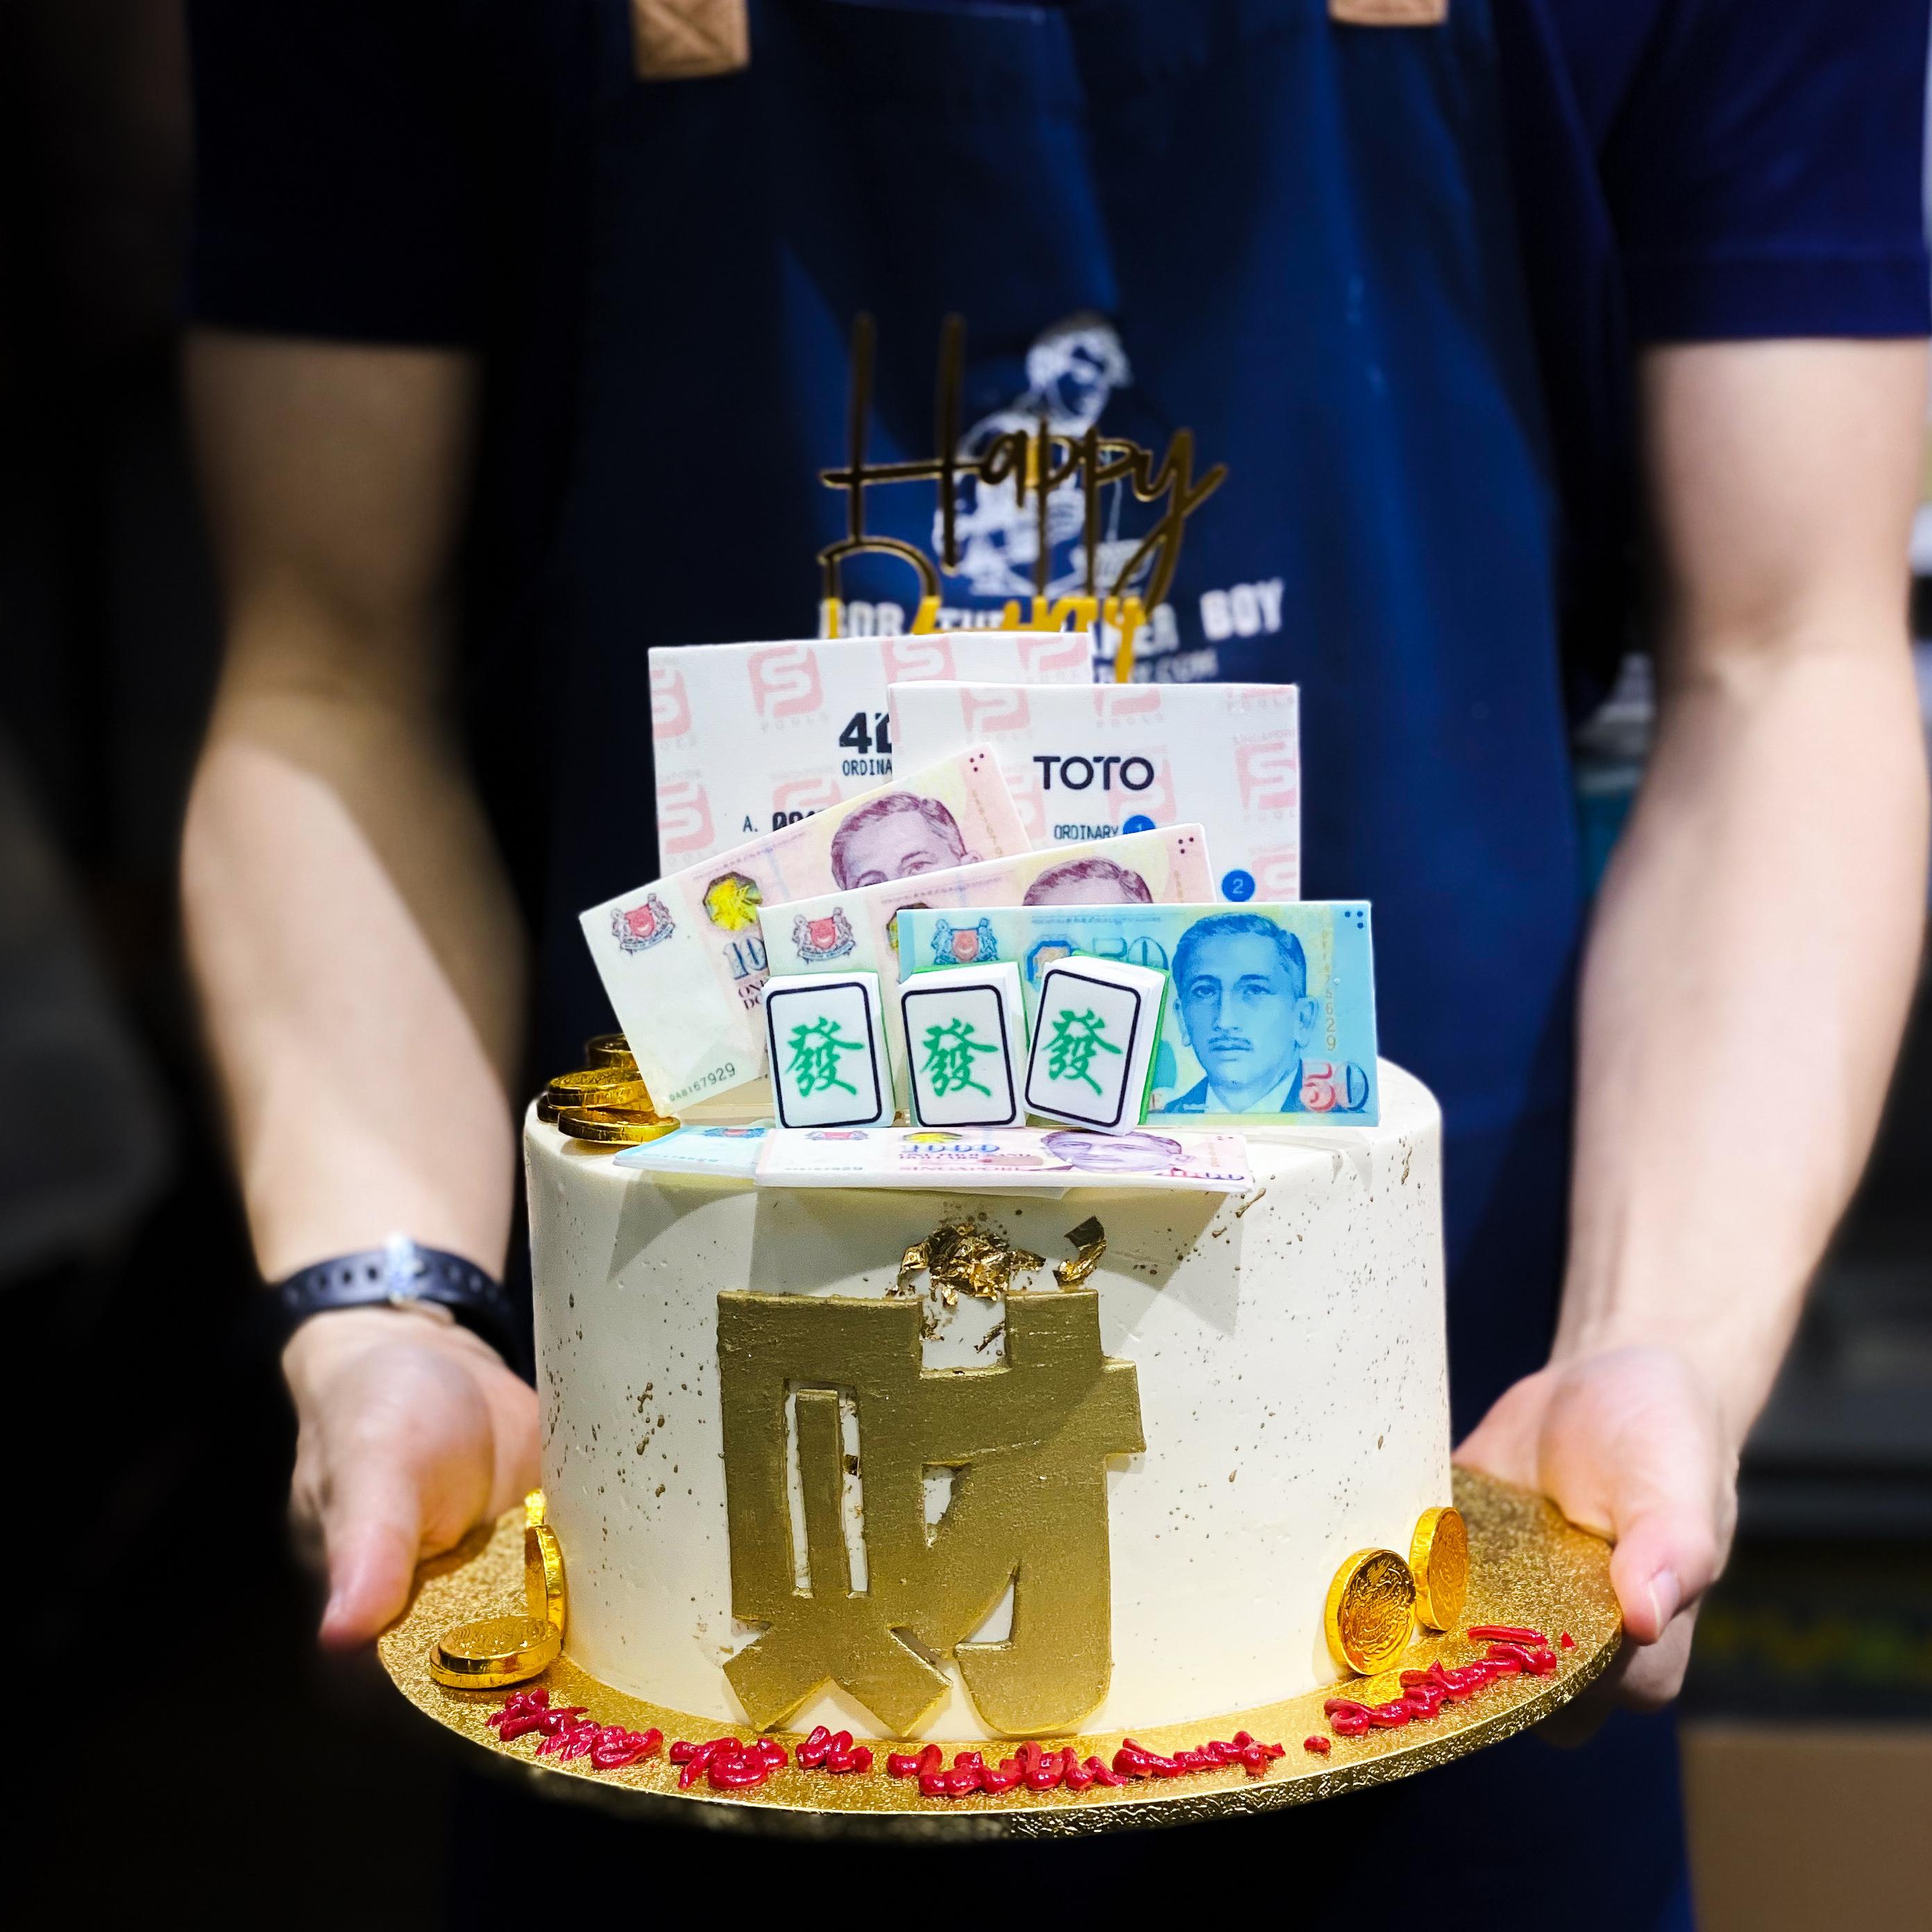 Fa Cai Toto and 4D Cake